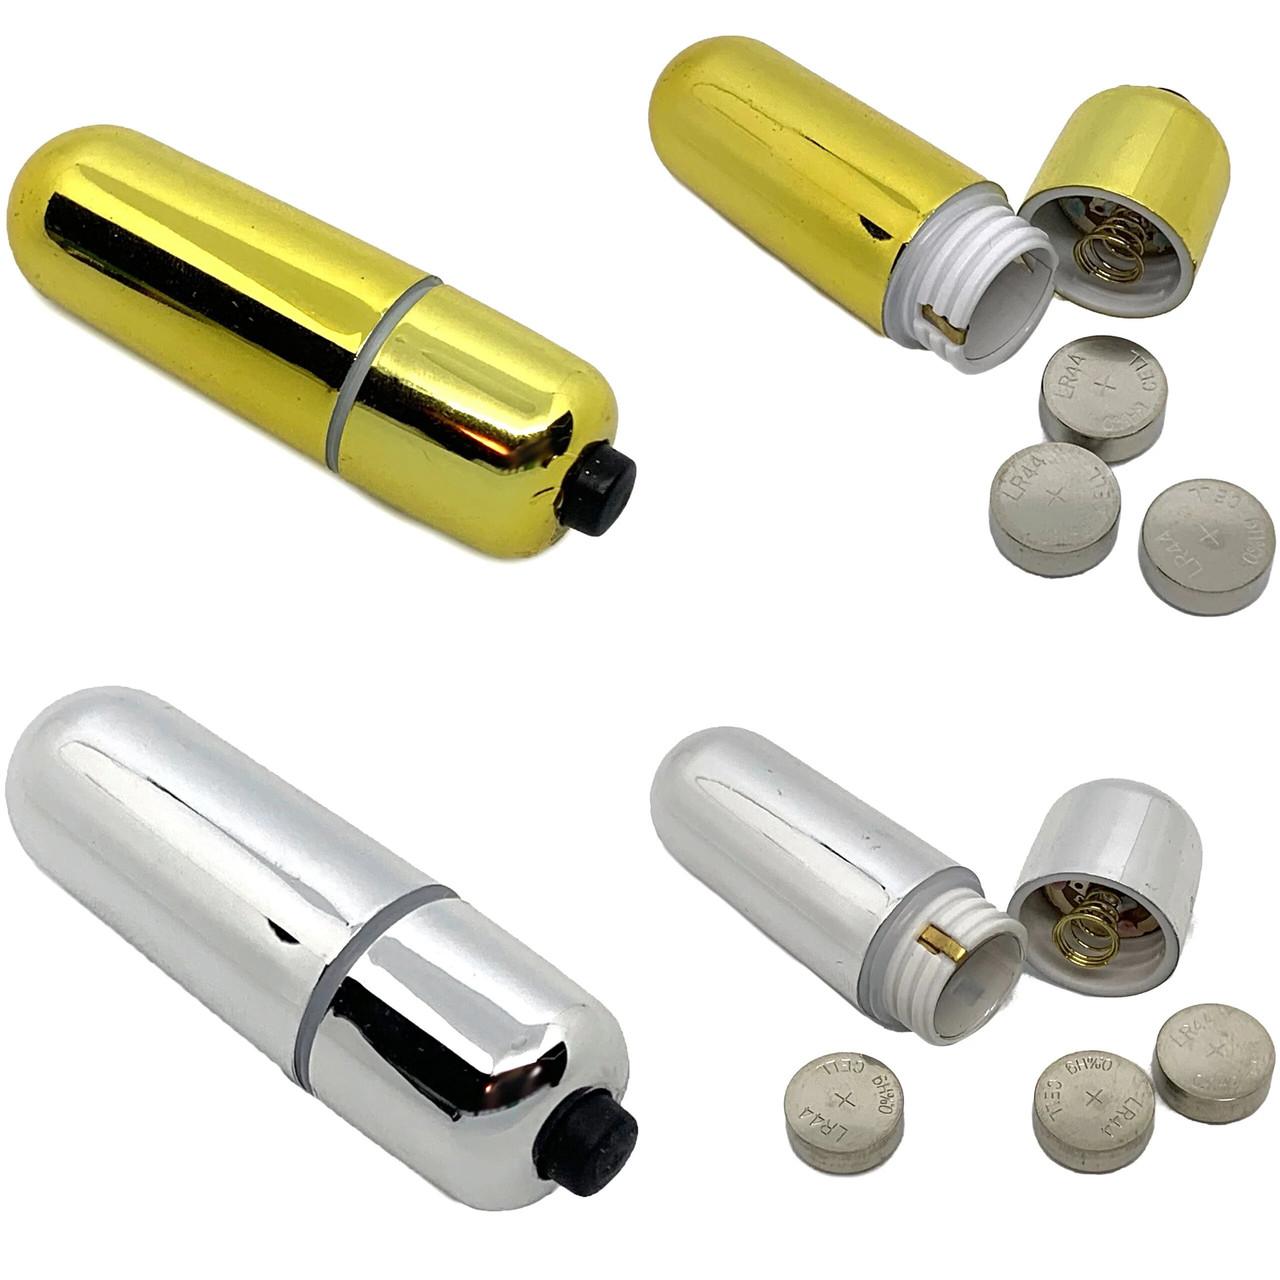 Компактный мини вибратор. Вибро пуля